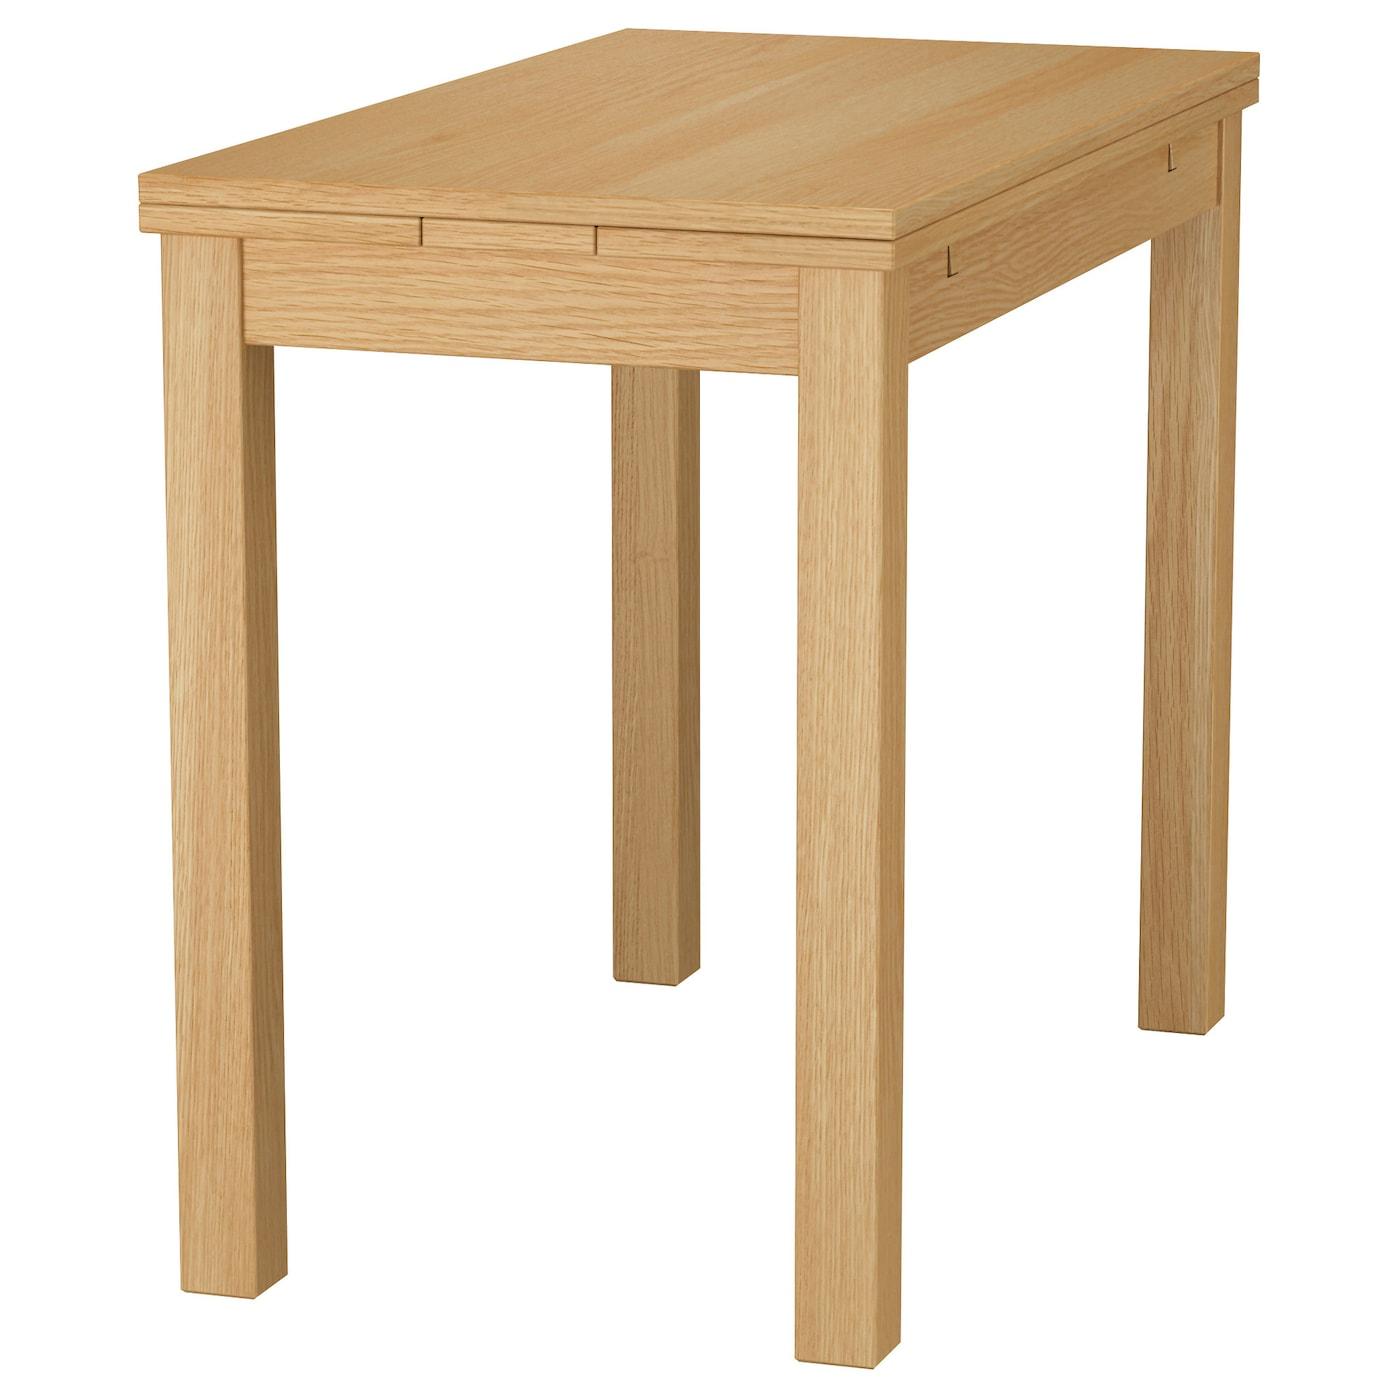 IKEA BJURSTA, 50/70/90x90 cm, stół rozkładany w dębowej okleinie